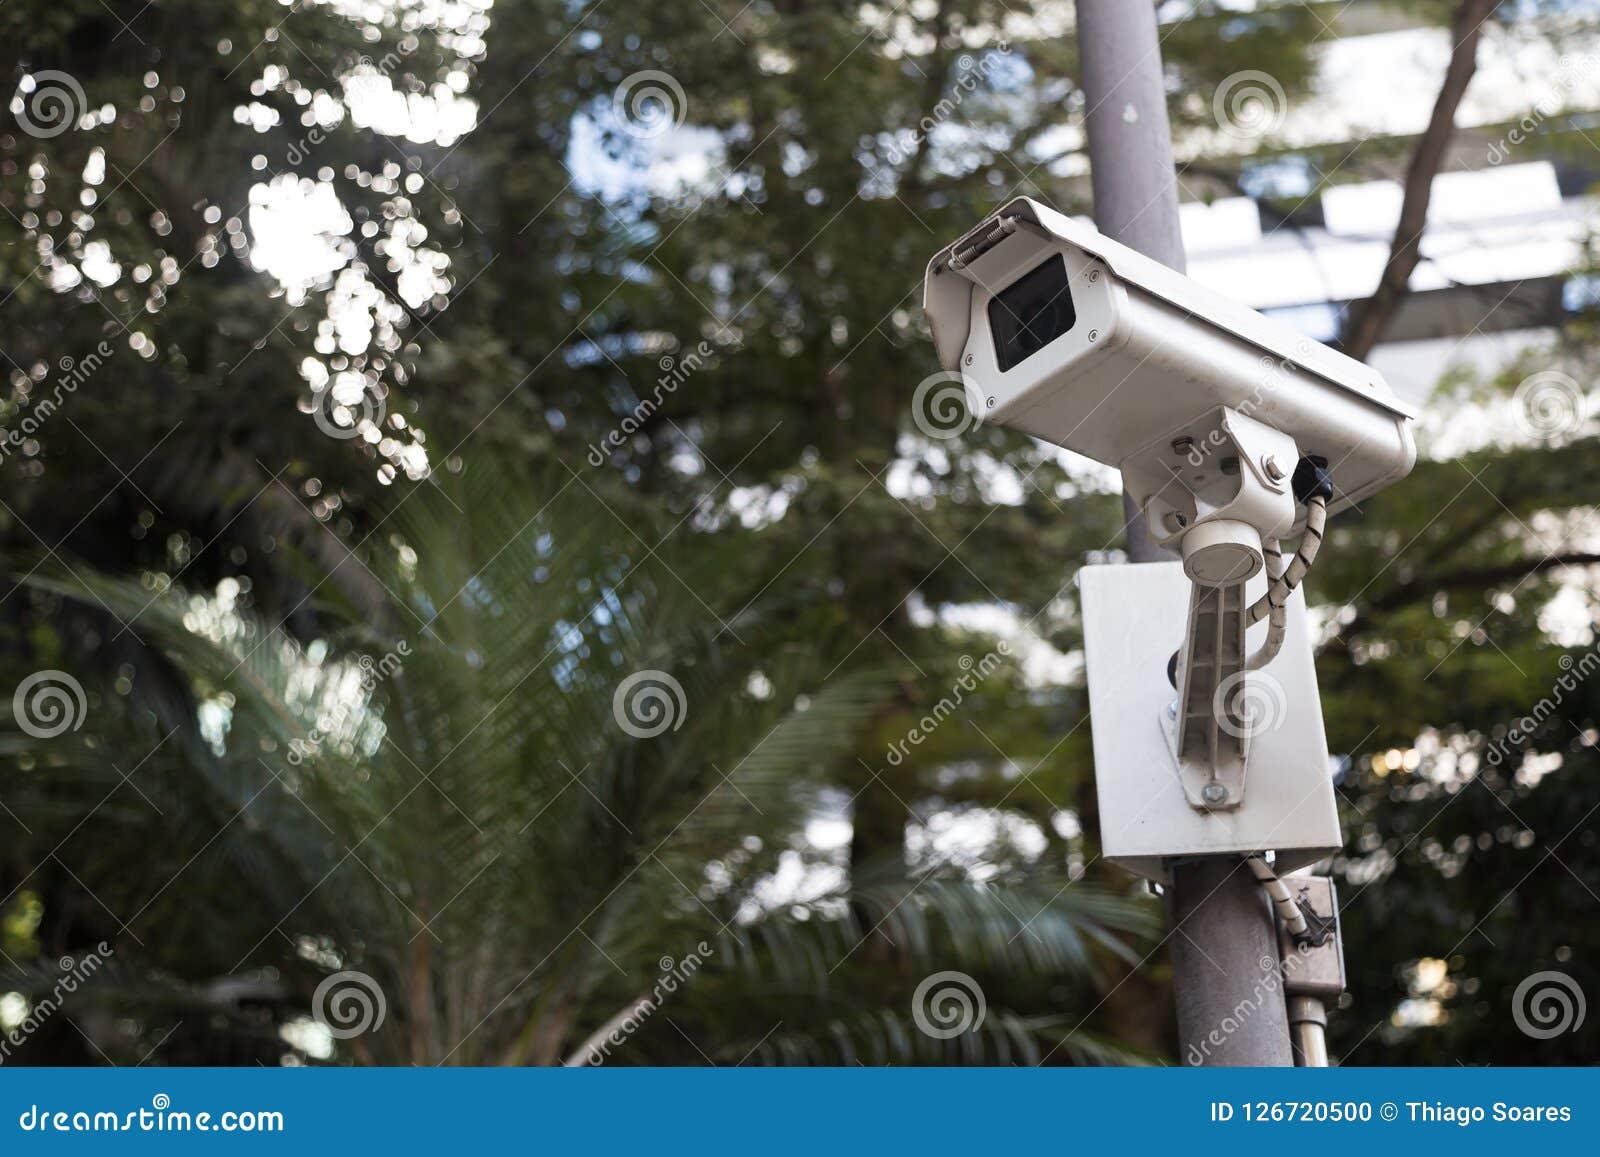 安全监控相机在一个公共场所